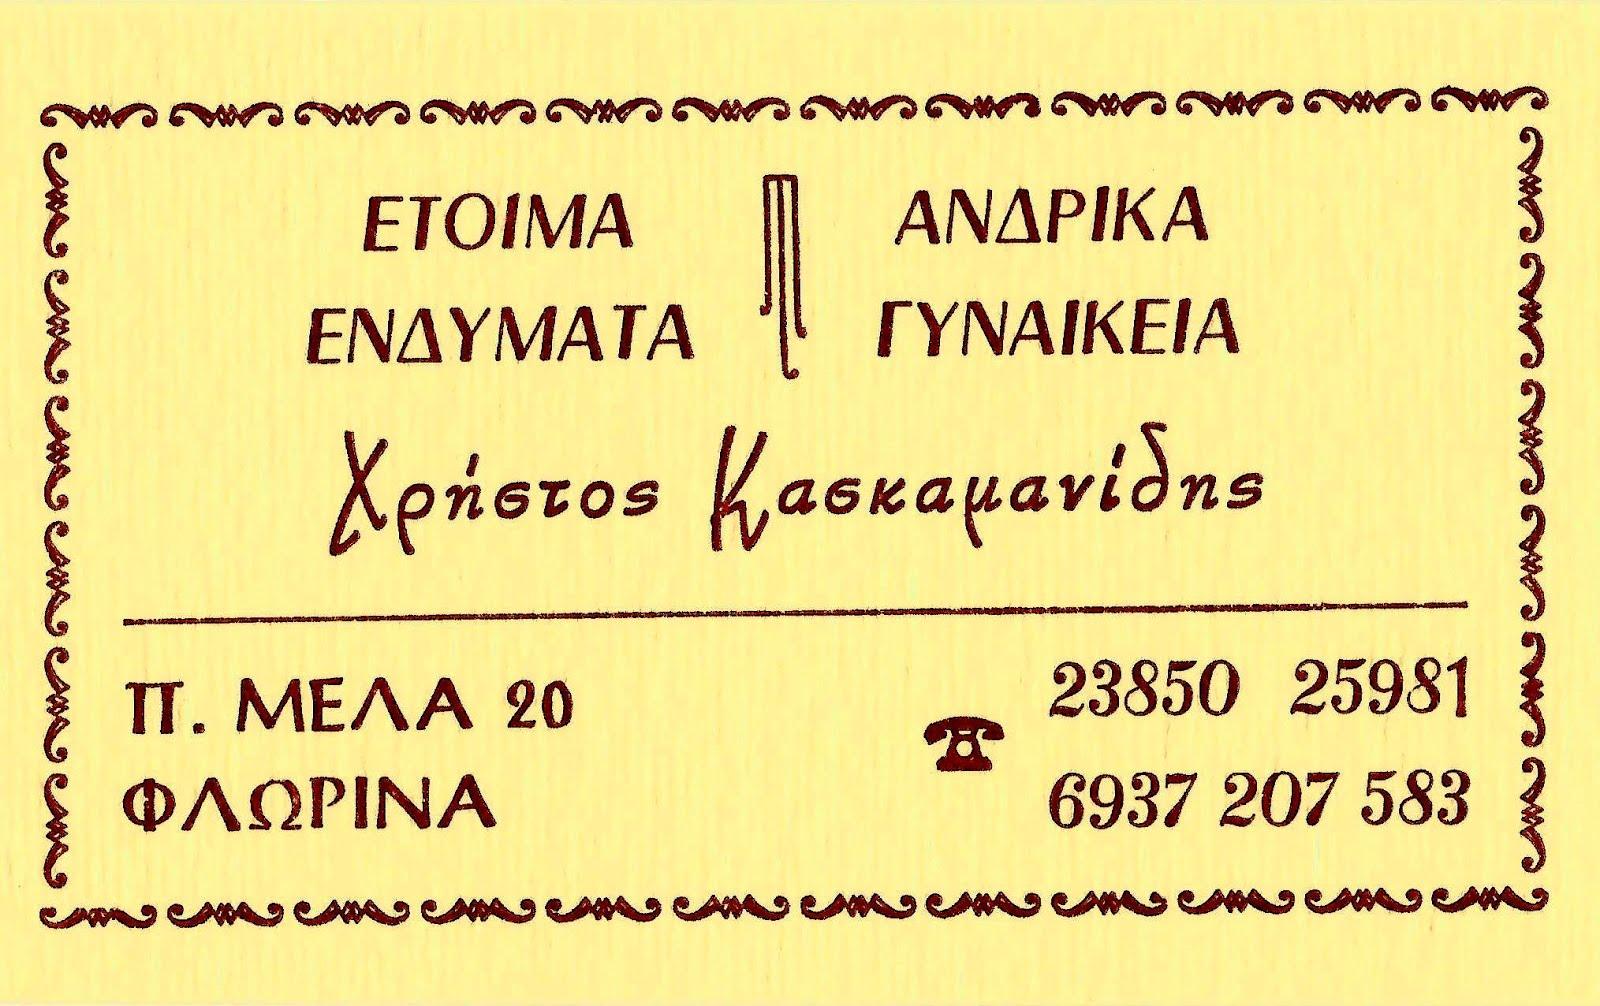 Χρήστος Κασκαμανίδης- Έτοιμα Ενδύματα Ανδρικά Γυνακεία